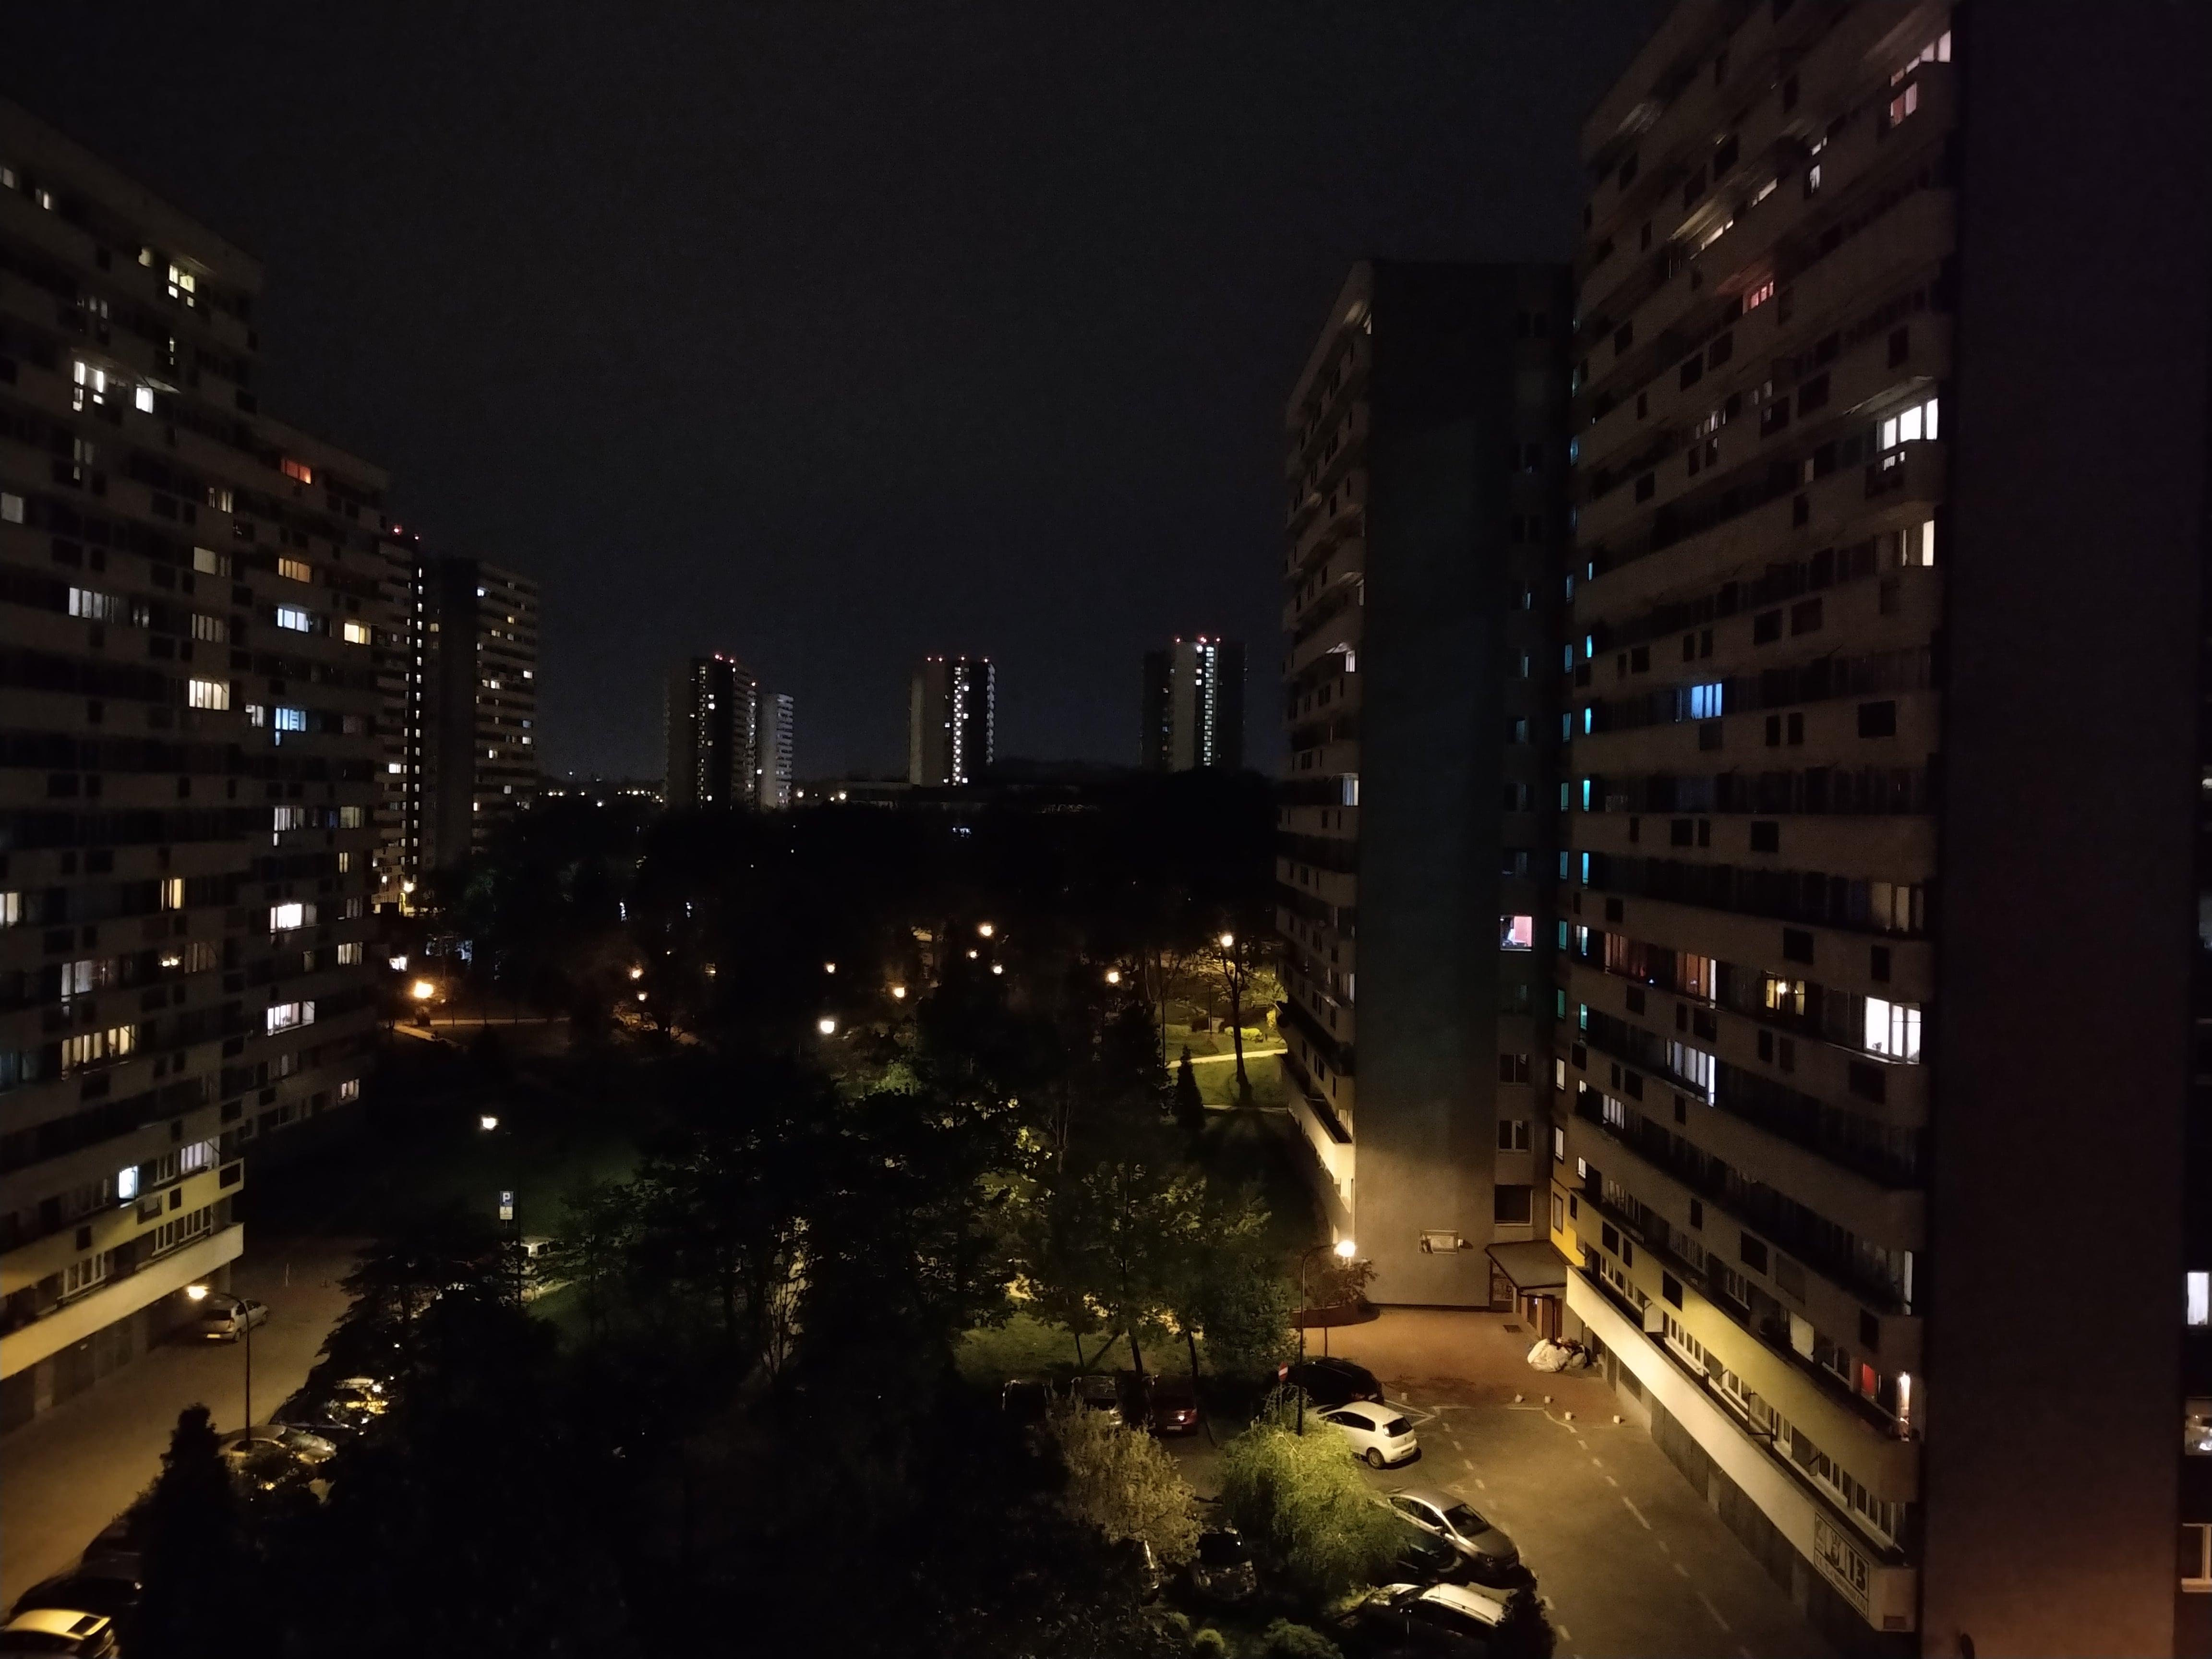 Zdjęcia nocne - Motorola Moto G7 Plus